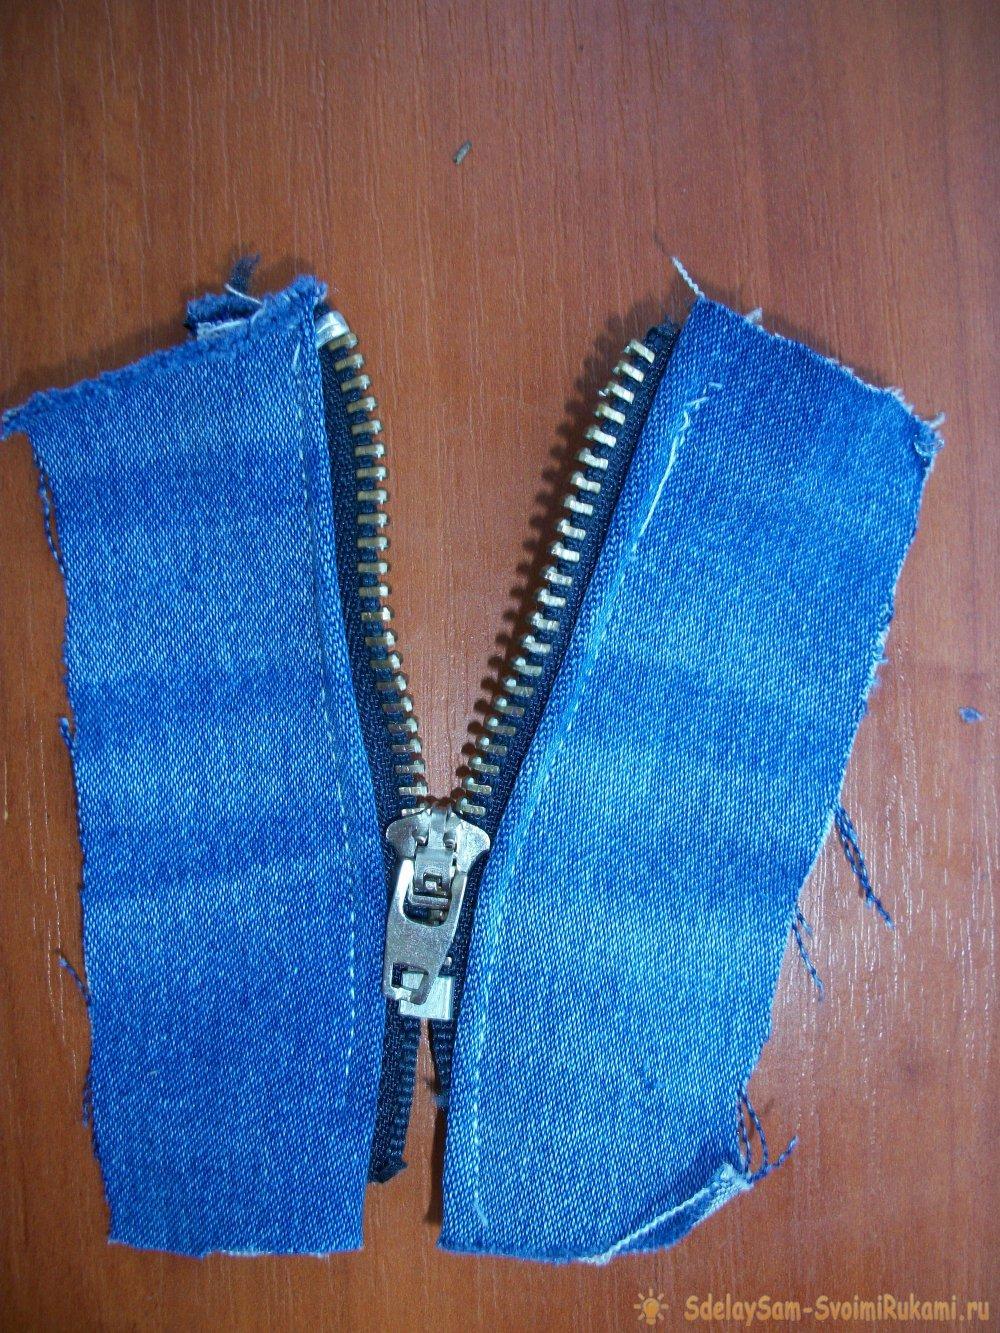 Как сделать жилетку из старых джинсов своими руками? 93